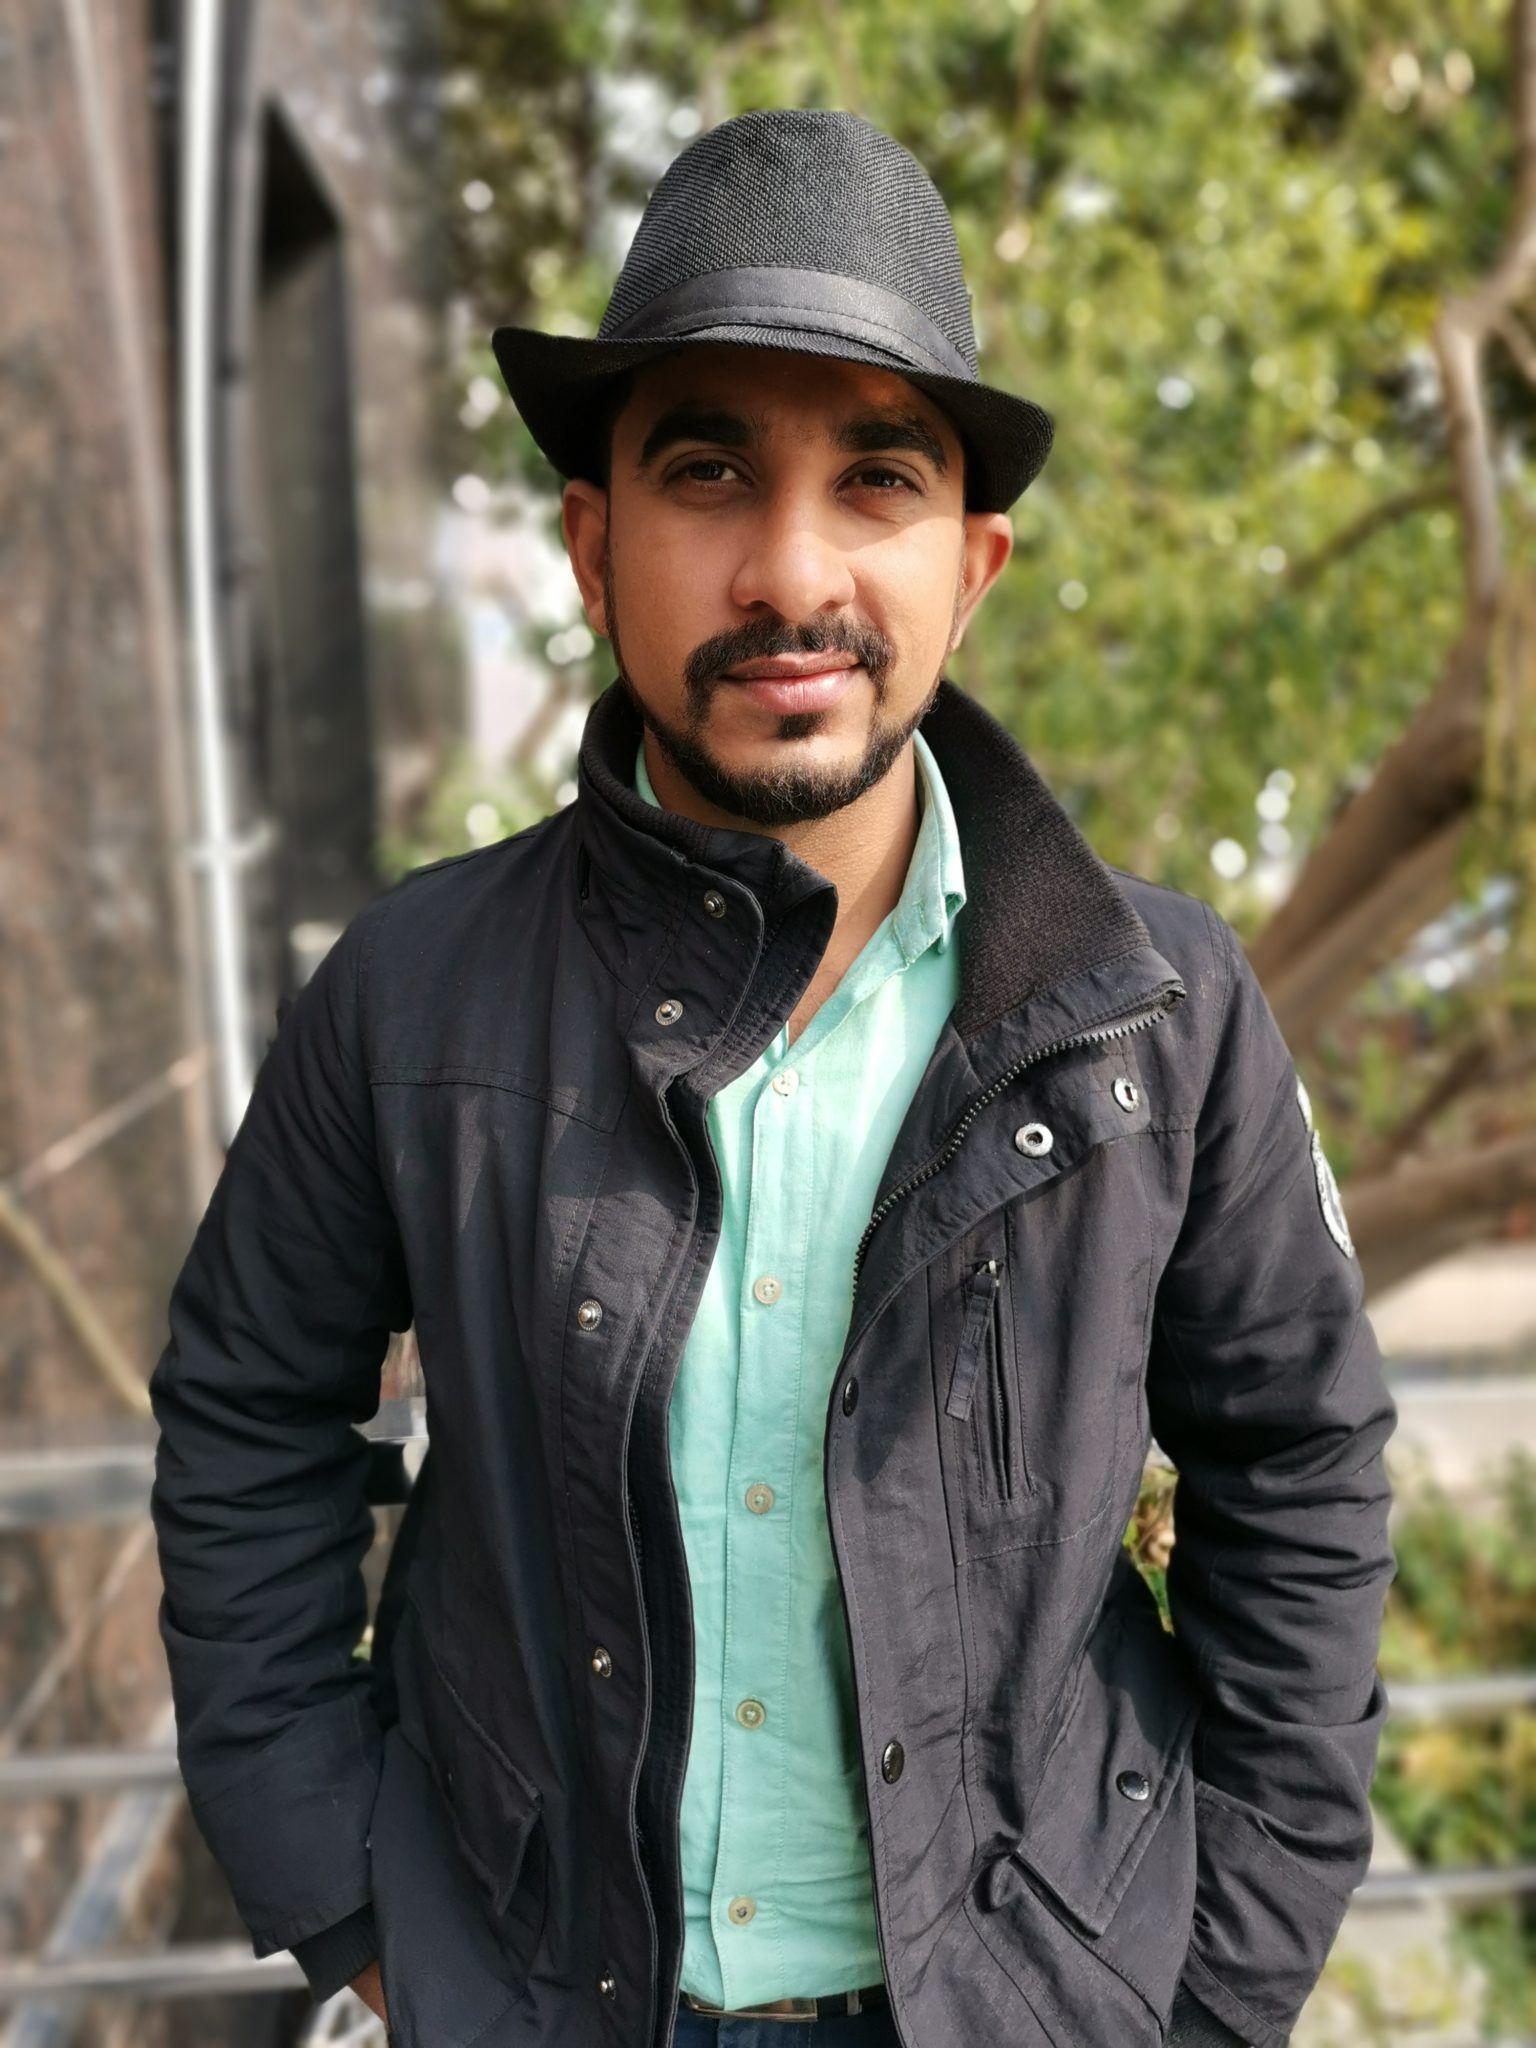 Portrait shot - Photo A